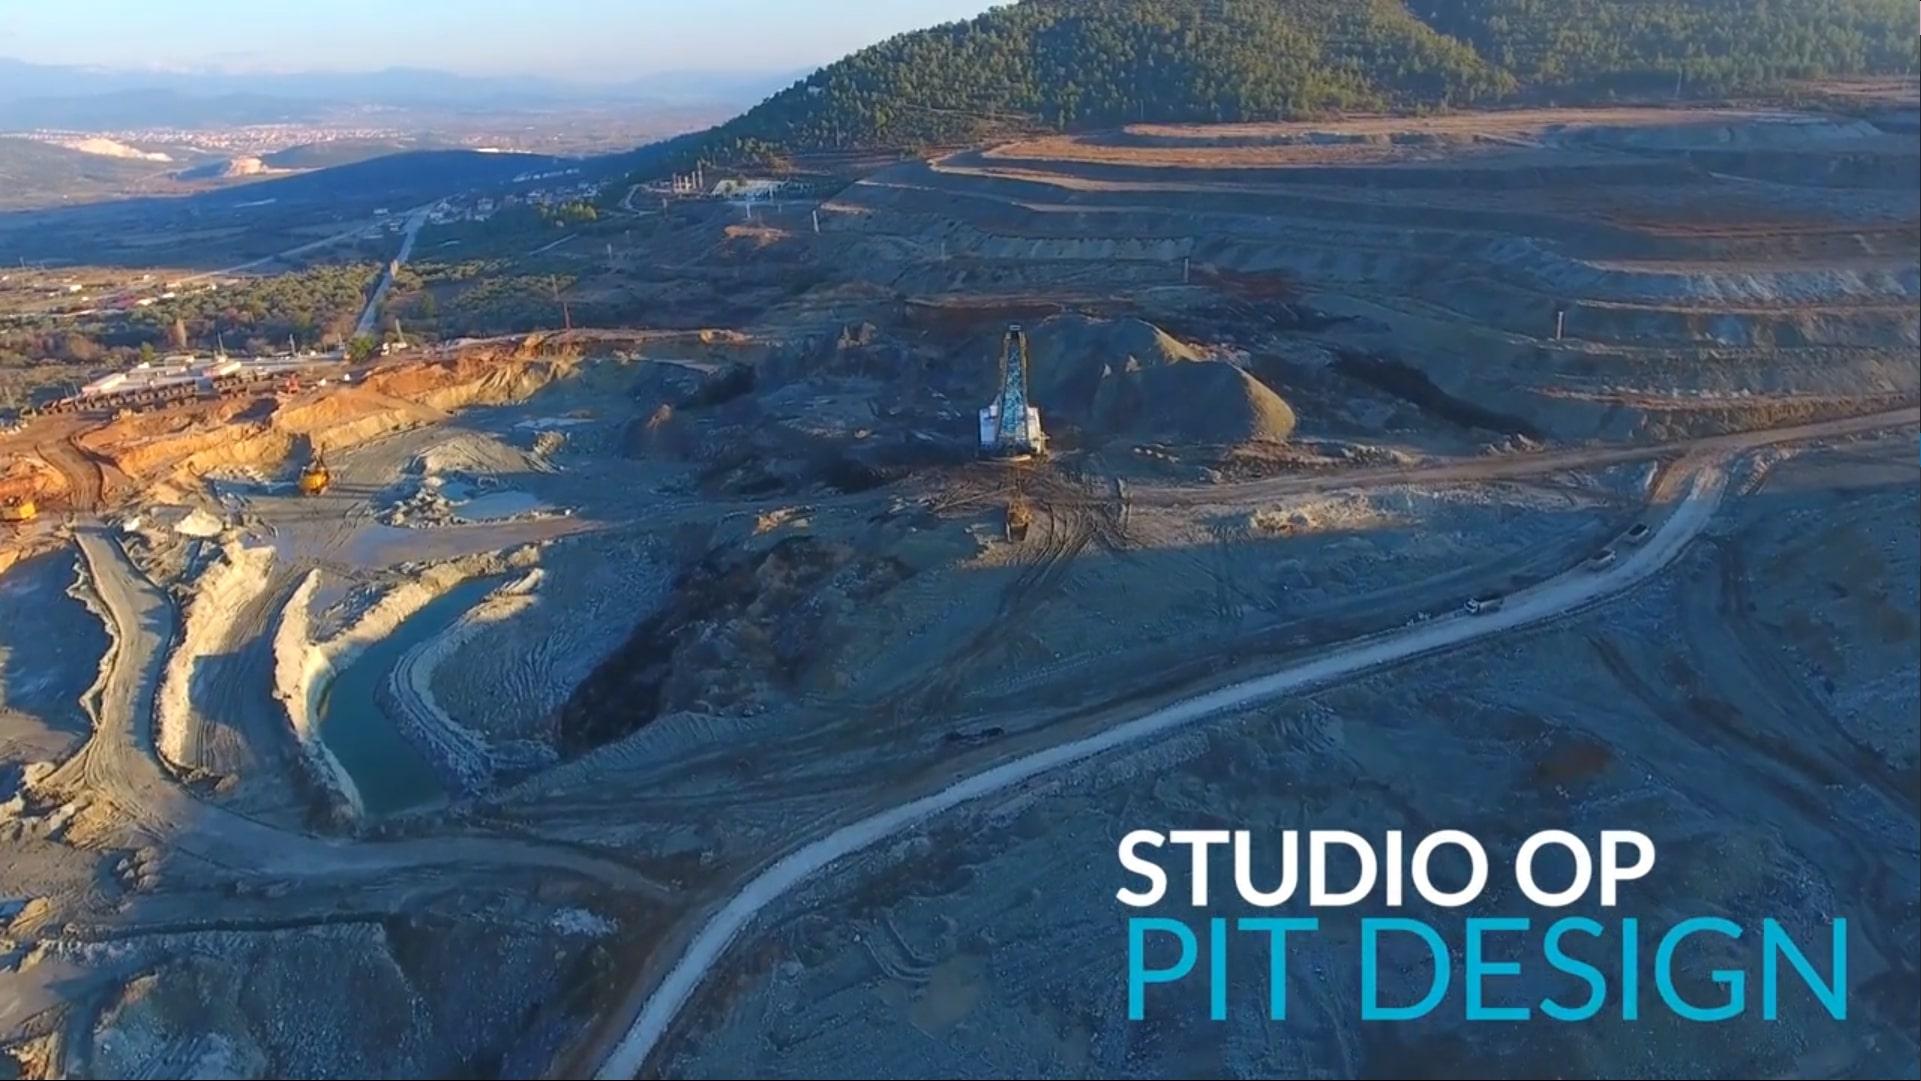 Studio-OP-Pit-Design-Screenshot-With-Peter-Malkin-1